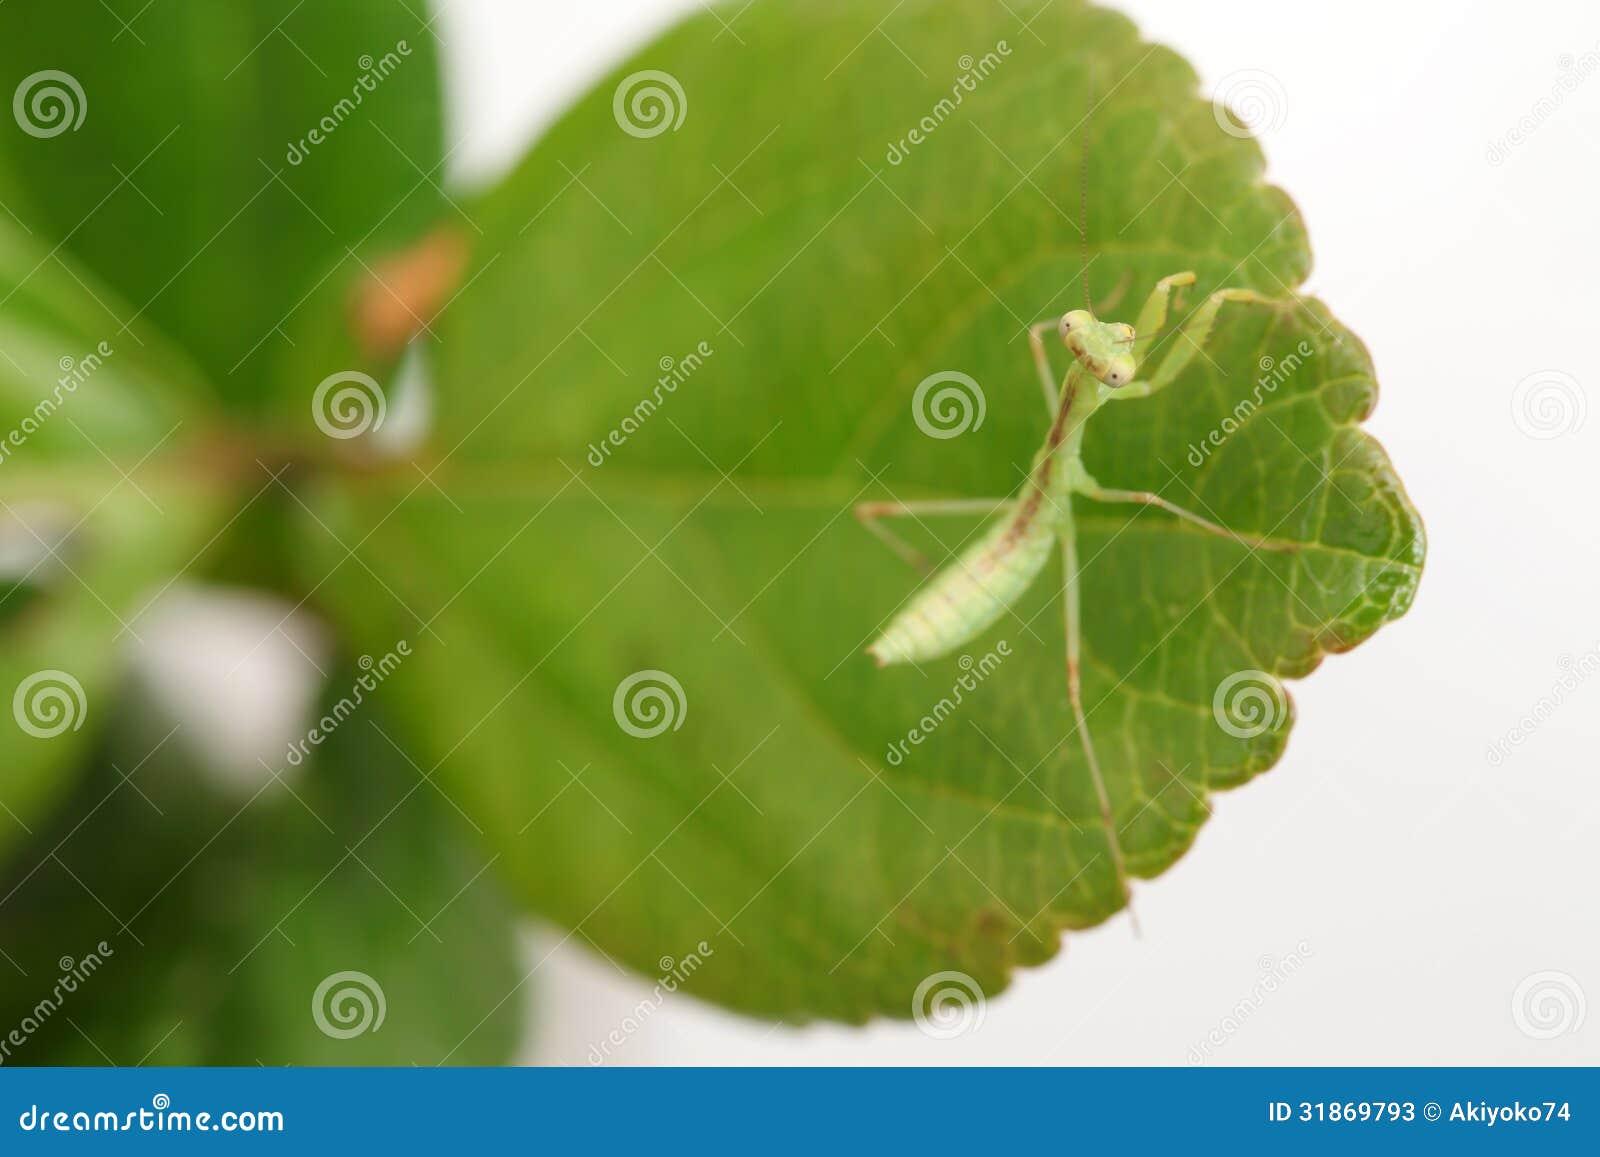 личинка богомола фото